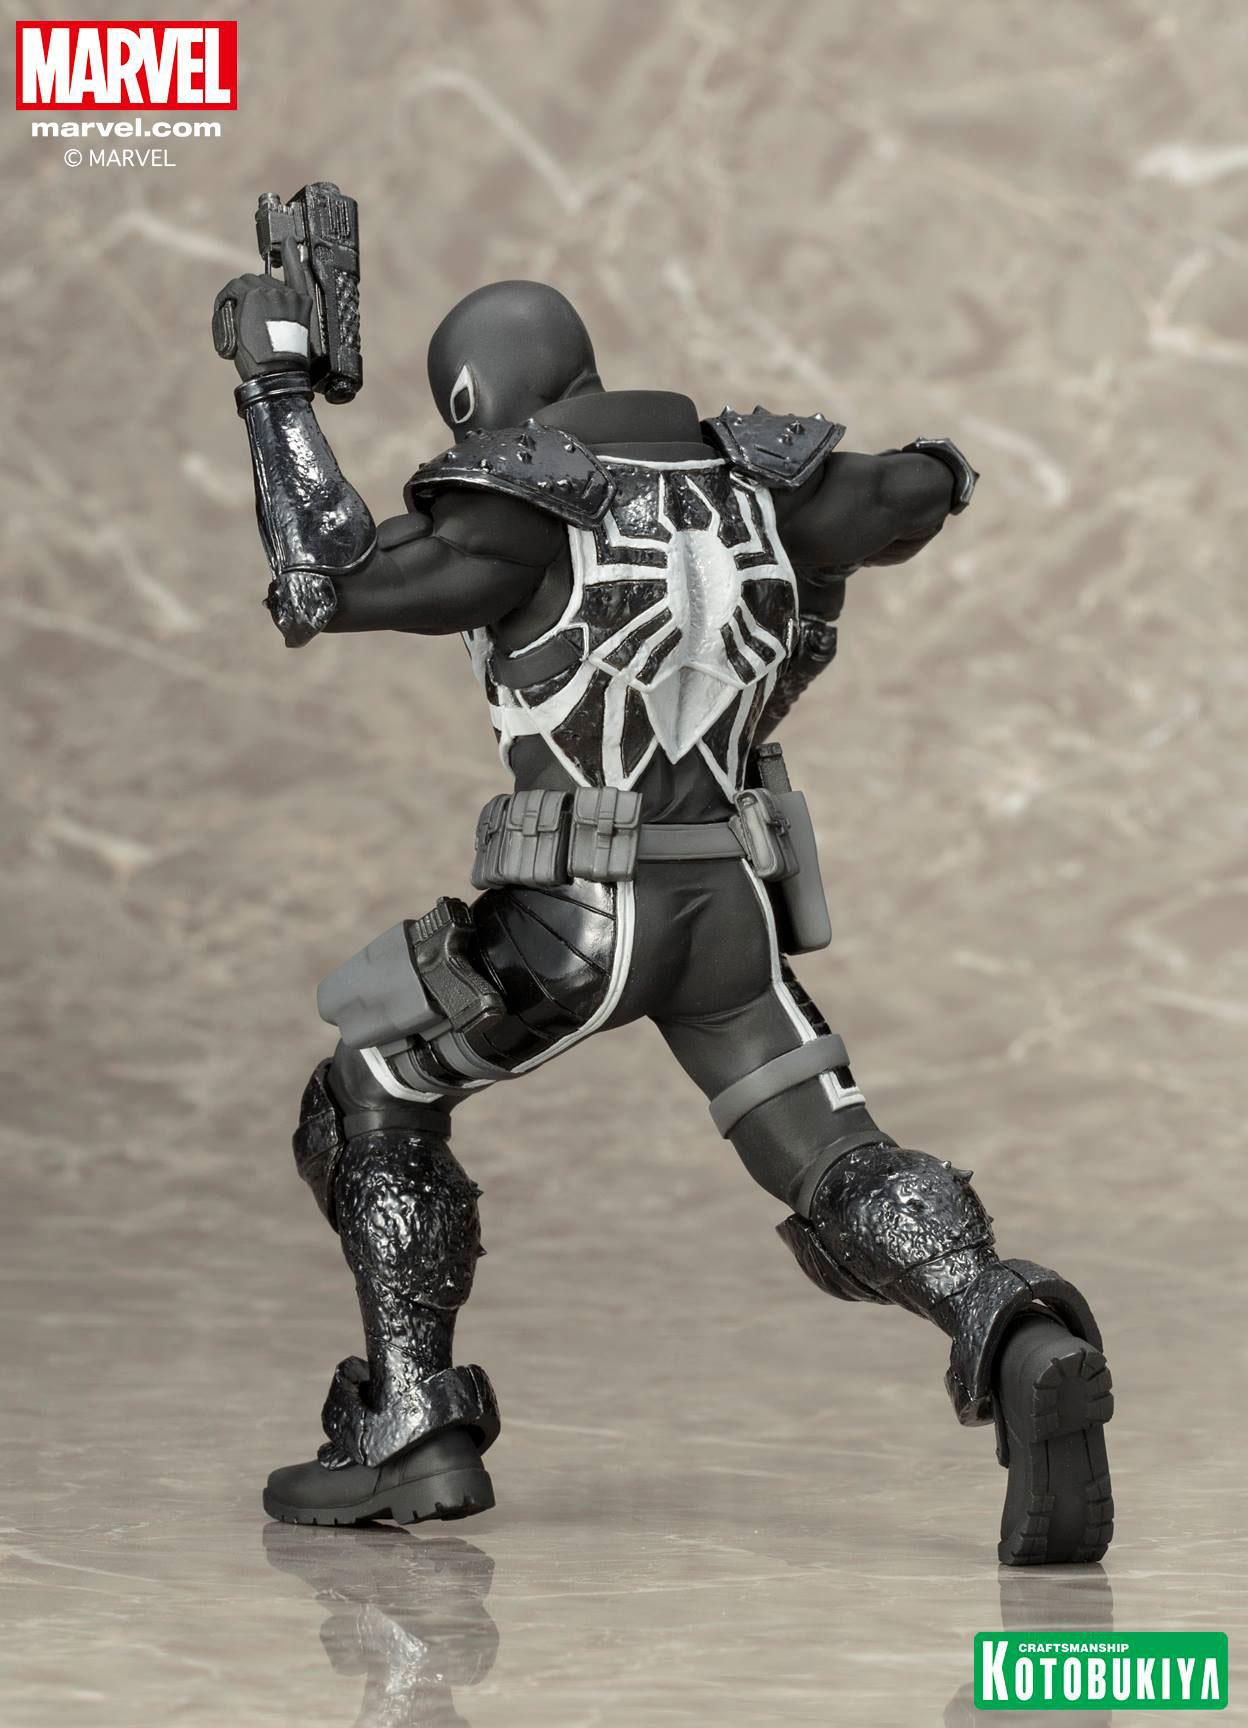 kotobukiya-marvel-agent-venom-statue-3